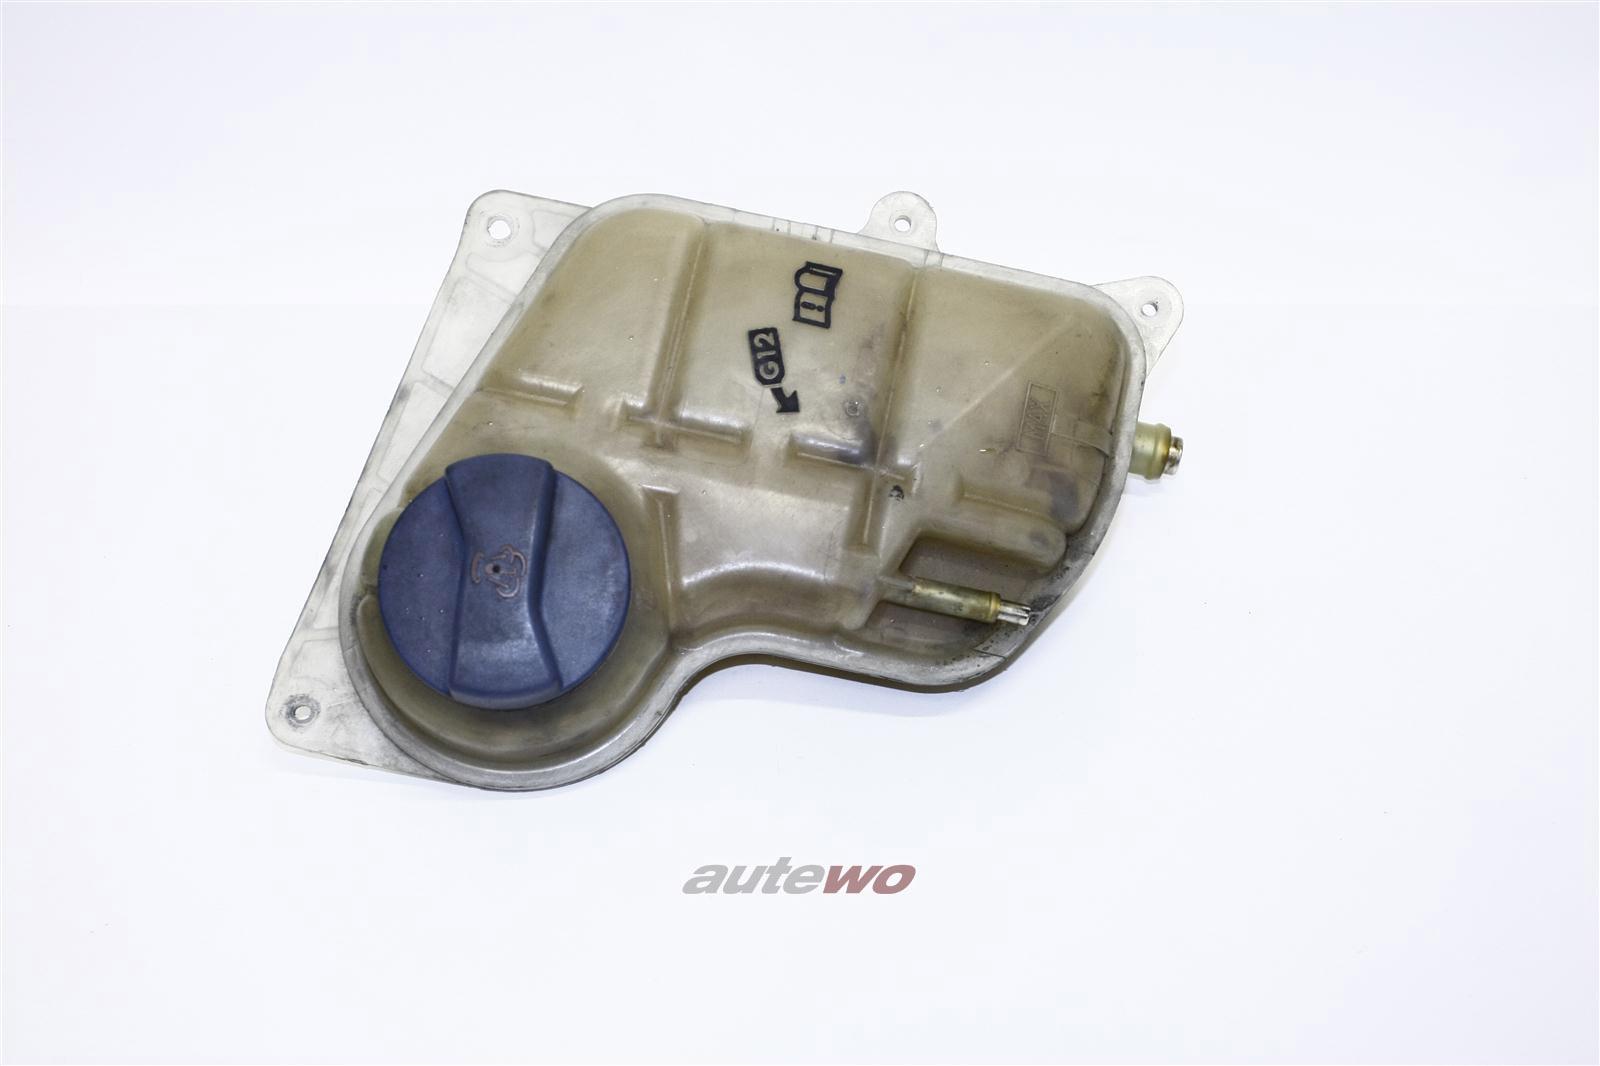 Audi A4 B5/A6 4B Kühlwasser Ausgleichbehälter 8D0121403J